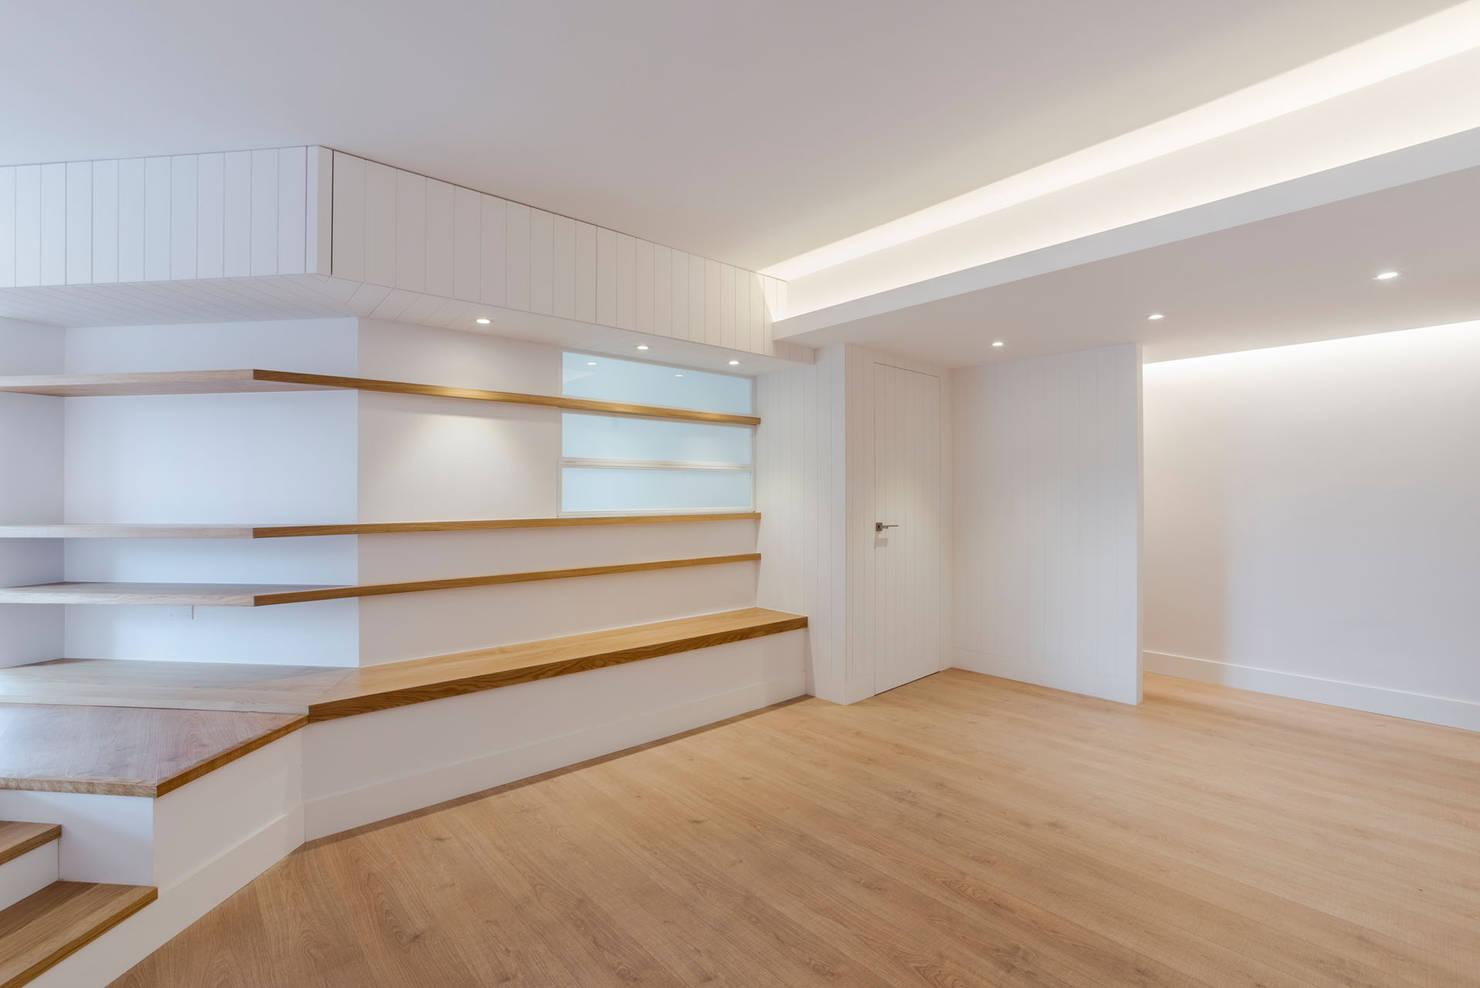 130 m² che Giocano con il Legno e le Pareti Bianche